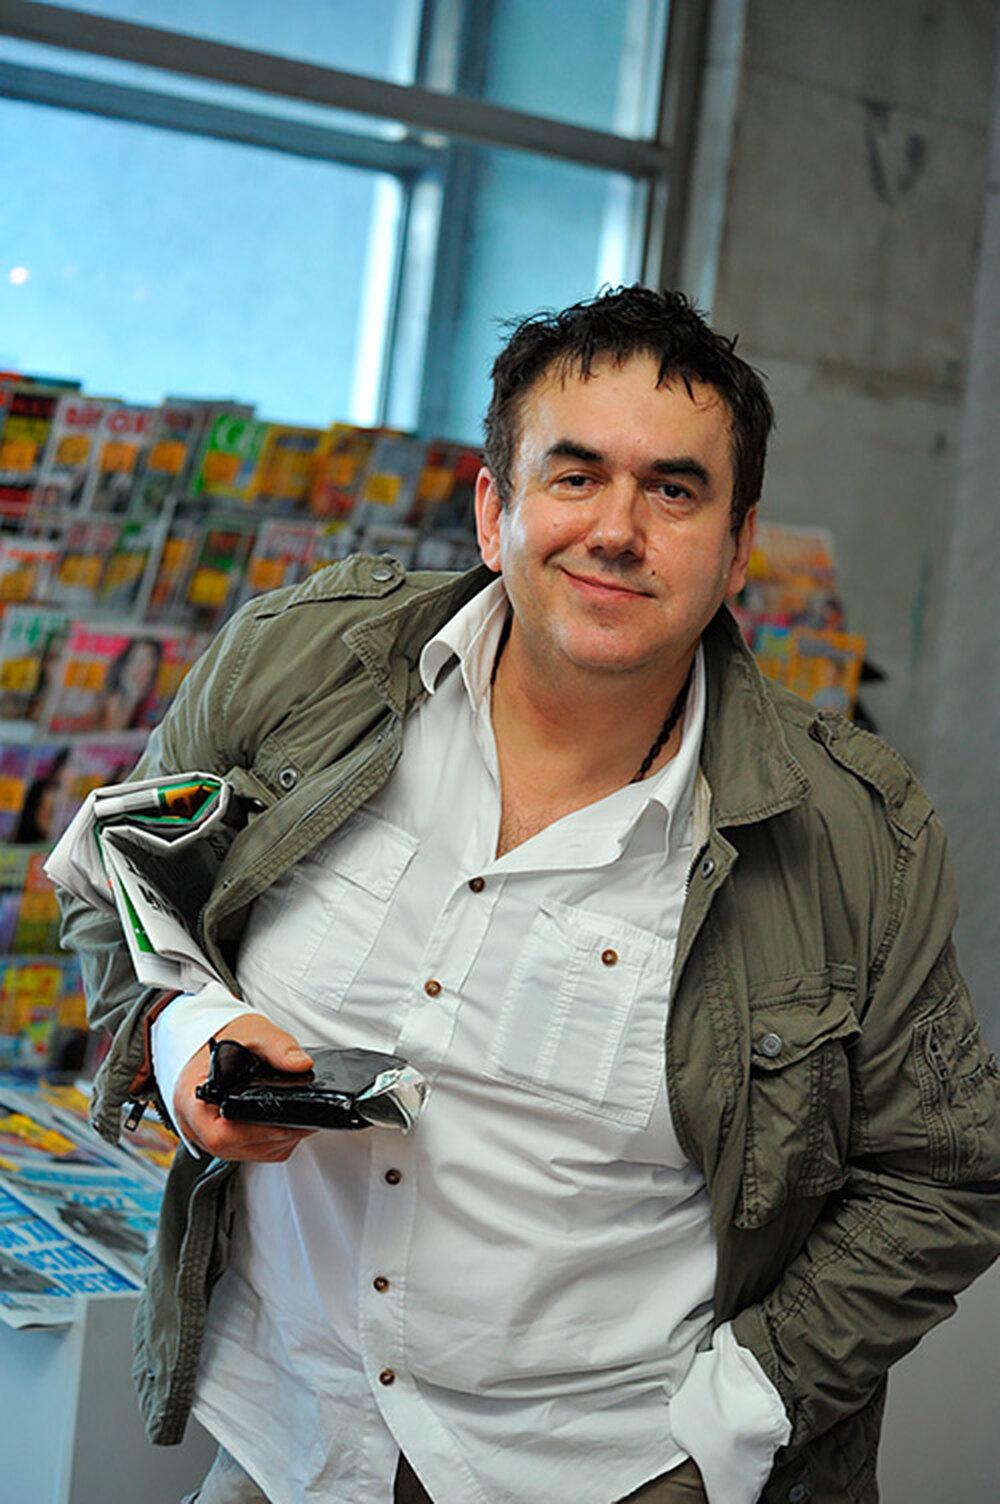 Станислав Садальский посвятил пост Татьяне Васильевой и Жанне Эппле